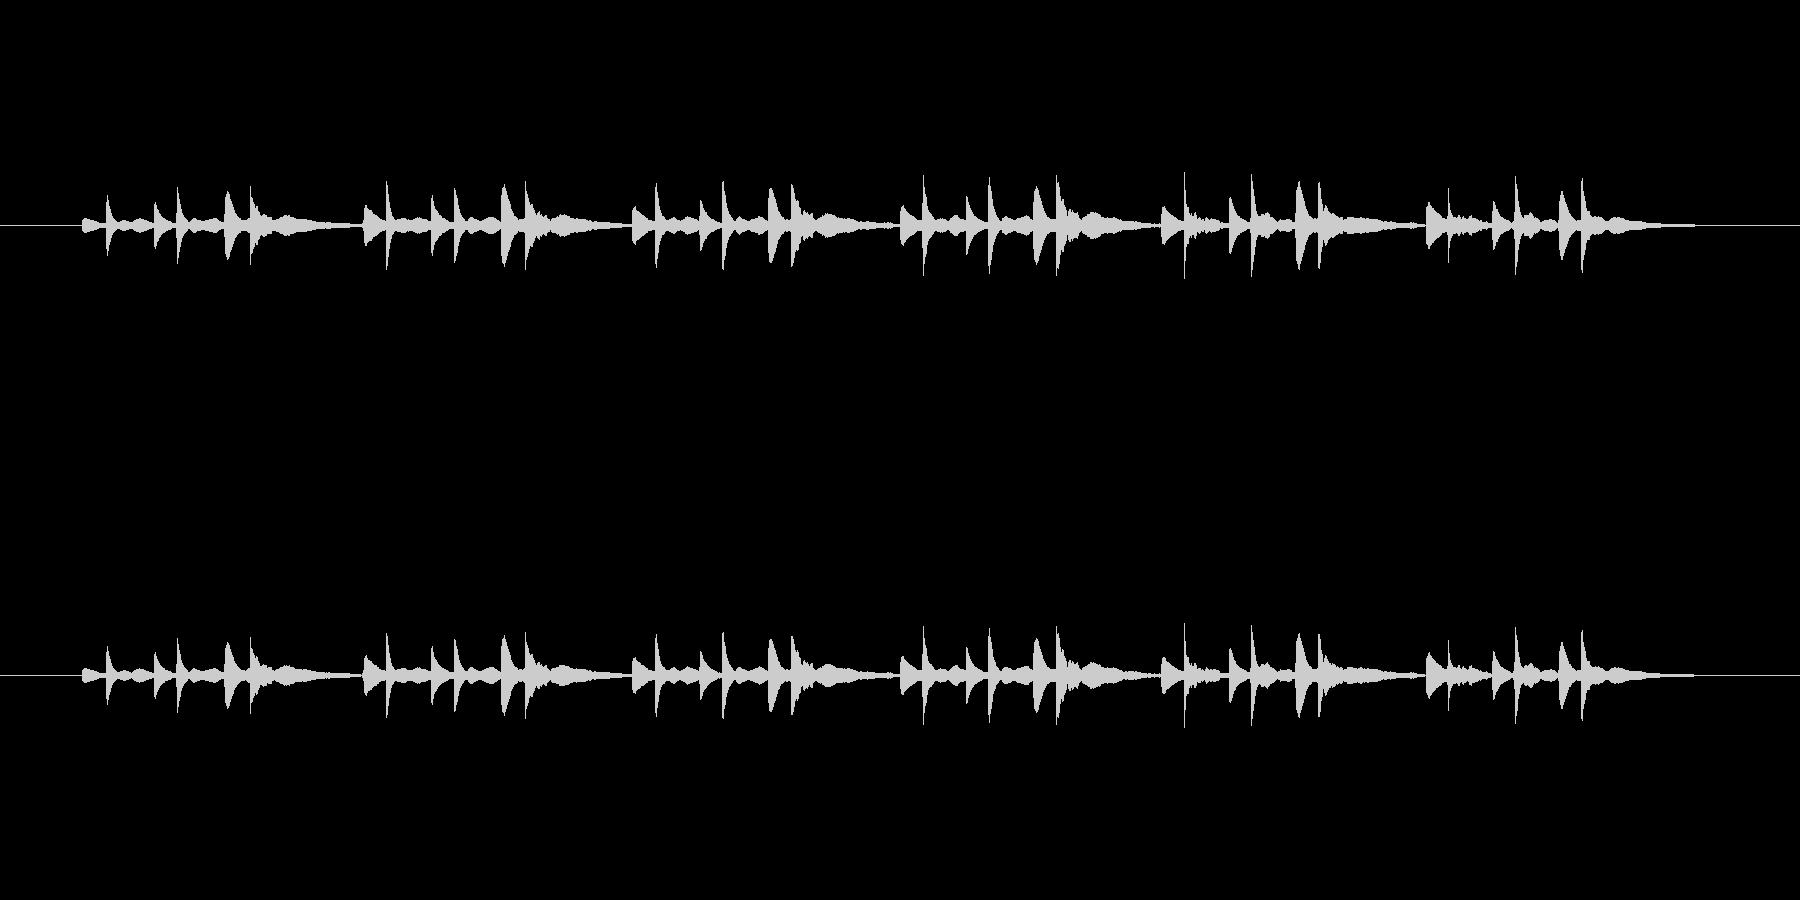 ピアノだけの曲です。の未再生の波形